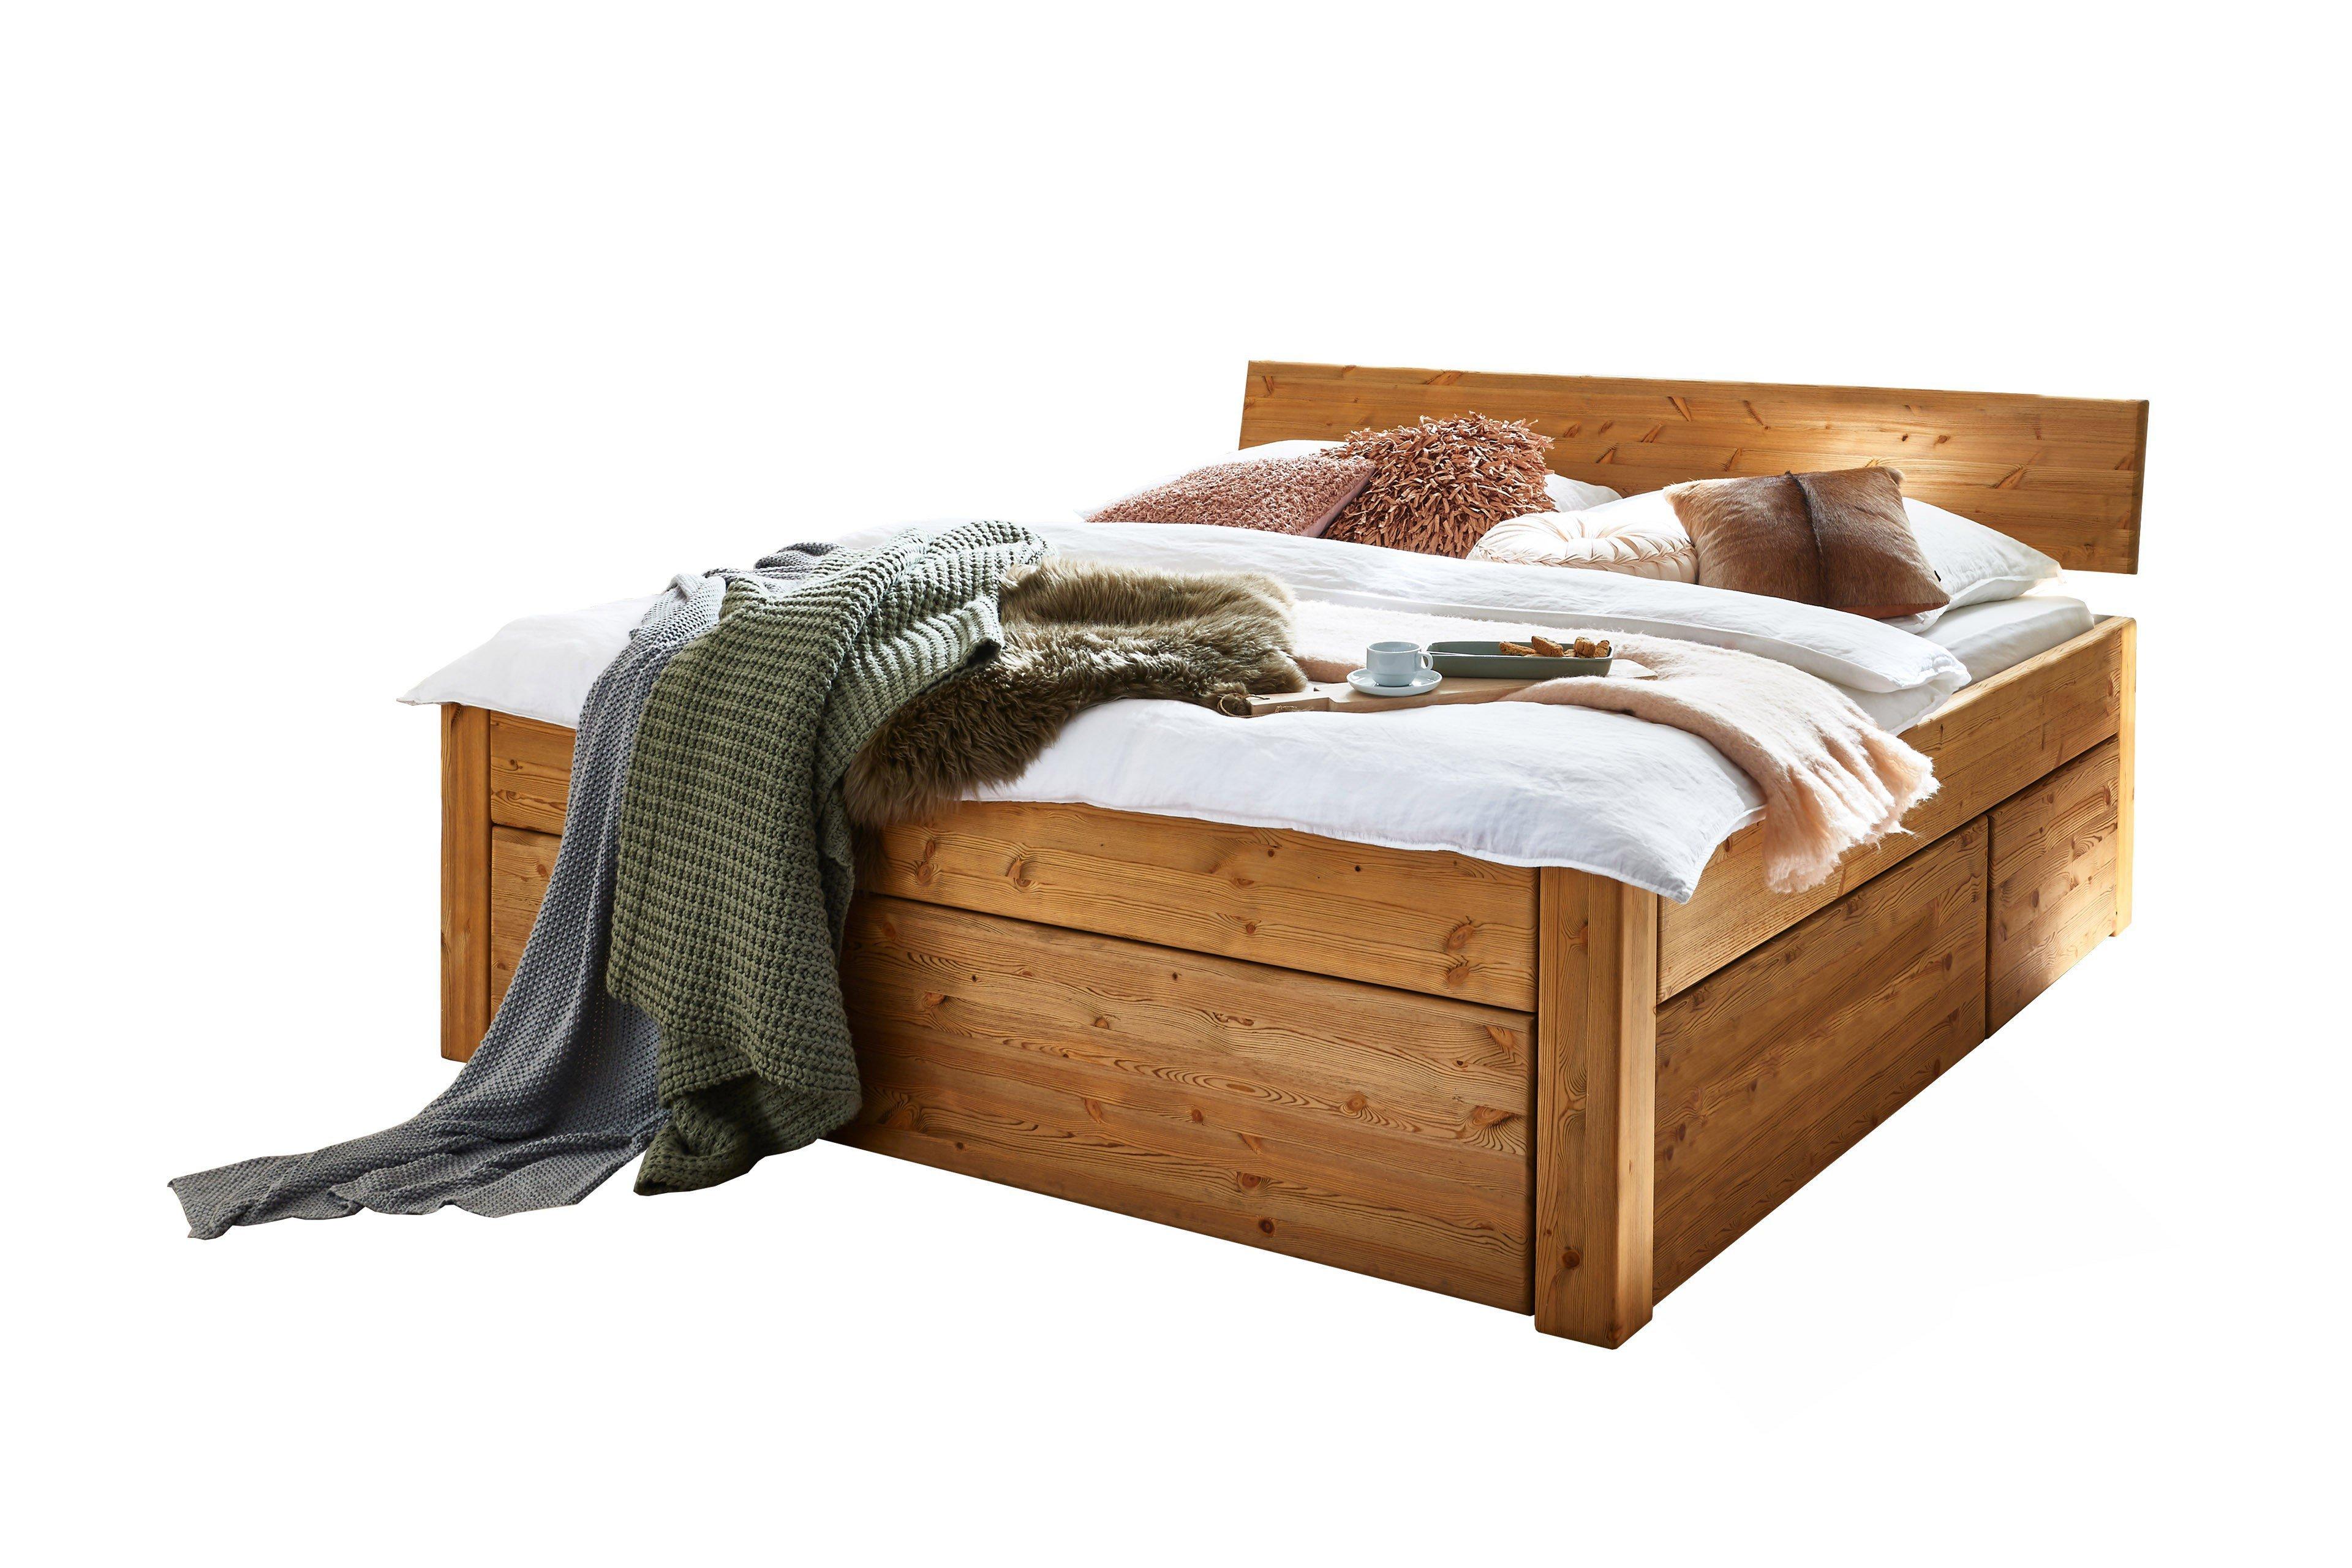 schlafzimmer komplett stauraumbett hotel schlafzimmer kommode poco sconto estella bettw sche. Black Bedroom Furniture Sets. Home Design Ideas